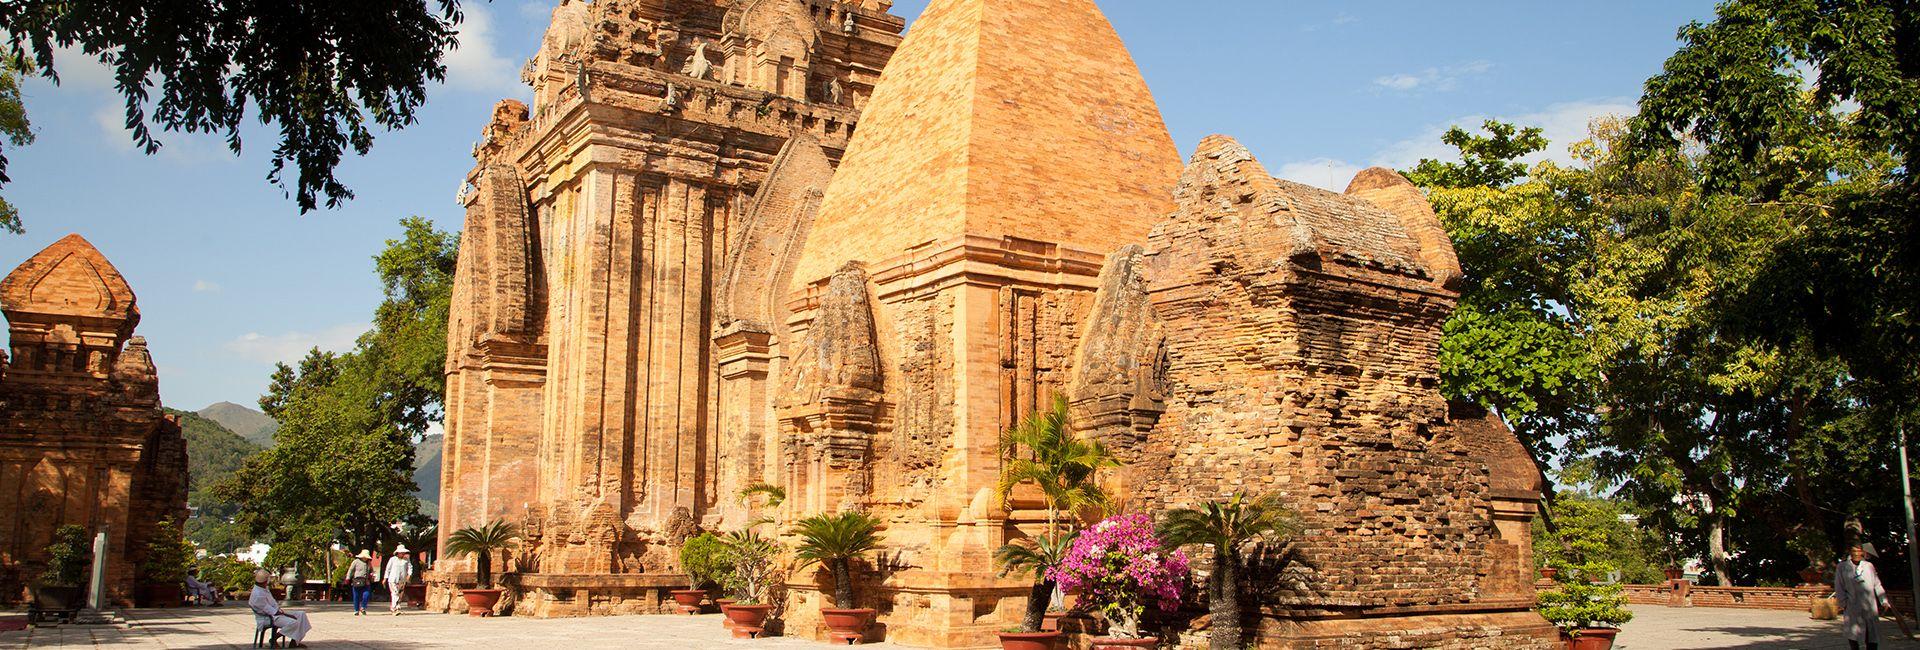 Tháp Bà Ponagar: Di tích lịch sử, điểm đến hấp dẫn Nha Trang